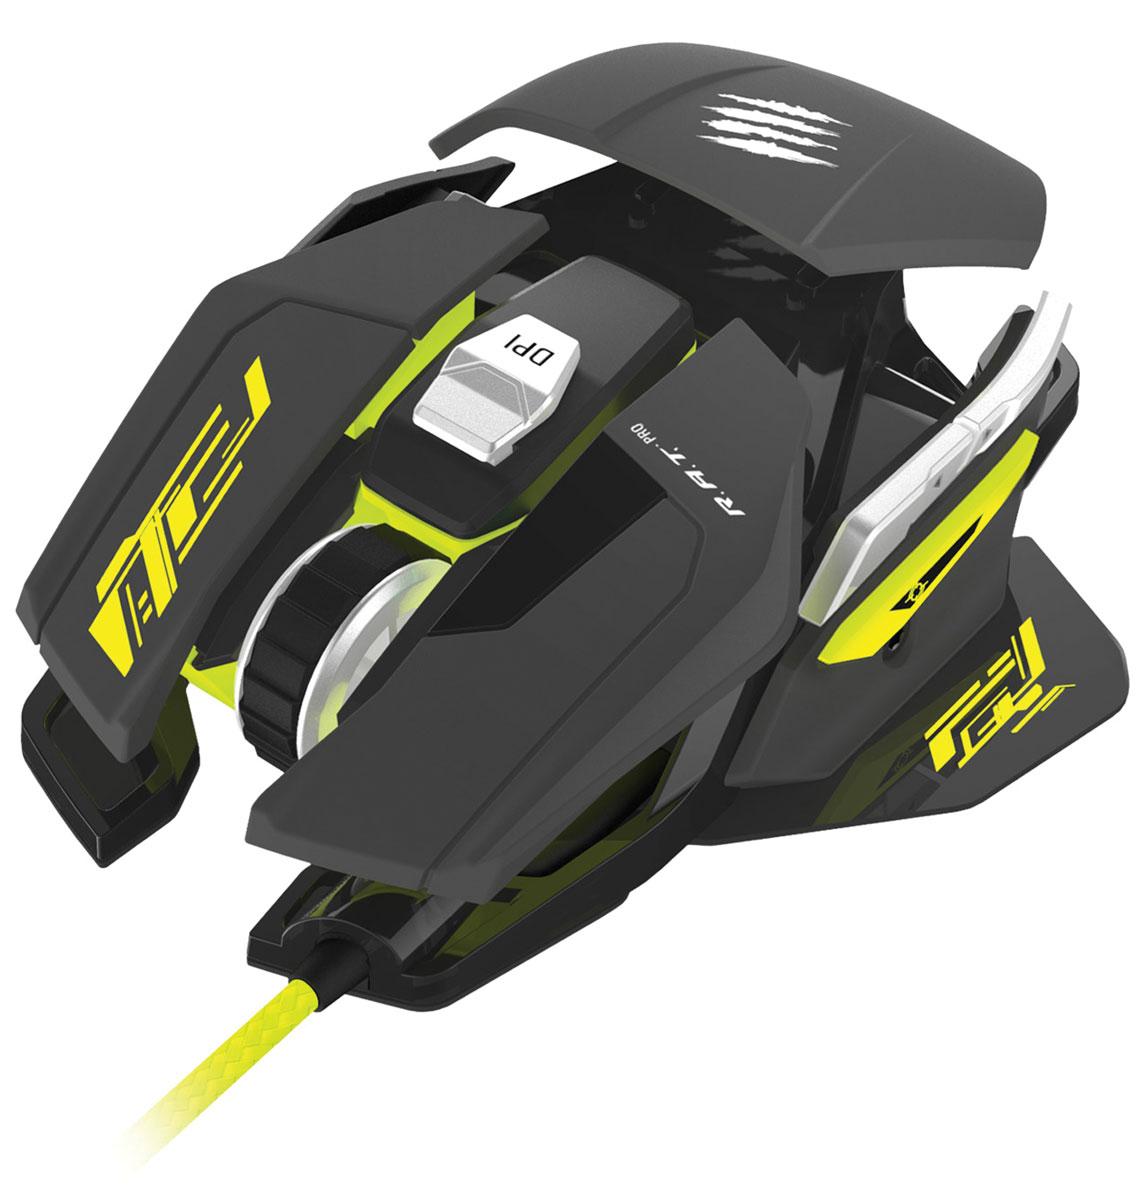 Mad Catz R.A.T. PRO S игровая мышь (MCB4372200A6/04/1)PCAmc44Игровые мыши серии Mad Catz R.A.T. PRO известны как самые передовые в мире. Игровая мышь R.A.T. PRO S продолжает эту традицию. Ее характеристики подходят для участия в турнирах, а скорость и быстрота реакции призваны обеспечить победу.В создании мыши R.A.T. PRO S основную роль играли геймеры, принимающие участие в турнирах.За годы разработки Mad Catz оставили только те характеристики, которые необходимы именно им. В конечном счете, в R.A.T. PRO S есть все, что нужно для турнирной мыши и ничего лишнего.Возможность настройки и регулирования – определяющая часть всех высокоэффективных игровых мышек R.A.T. Это то, что формирует игровую составляющую. Мышь R.A.T. PRO S можно регулировать в длину и по углу хвата – упор для основания ладони может наклоняться на 15 градусов и удлиняться до 12 мм от стандартного размера. Теперь вы можете легко найти то, что подходит именно вашему размеру и типу хвата.Точный сенсор – ключ к победе на турнире и инфракрасный оптический сенсор PixArt PMW3310 именно такой. FPS, MMO и RTS игроки могут быть уверены, что всех их движения будут выверены до пикселя благодаря этому надежному сенсору с разрешением 5000 dpi. Благодаря отсутствию корректировок по ускорению и ПО, в ваших руках контроль ситуации на 100%.Идеально подходит тем, кто предпочитает оптические сенсоры или профессиональным игрокам MOBA, желающим полностью контролировать свои действия.Хотите ли вы настроить скорость персонажа в играх типа MOBA или точность снайпера в FPS, две различные опции доступны благодаря переключению типов разрешения. К тому же, если скачать программное обеспечение для ПК, можно установить четкие значения для отдельной кнопки Precision Aim. Чтобы мгновенно изменить чувствительность через изменение разрешения, нужно просто удерживать кнопкуPrecision Aim для немедленного переключения на установленное вами через ПО разрешение.Мышь R.A.T. PRO S весит ровно 77 грамм (без кабеля) и является одной из самых л